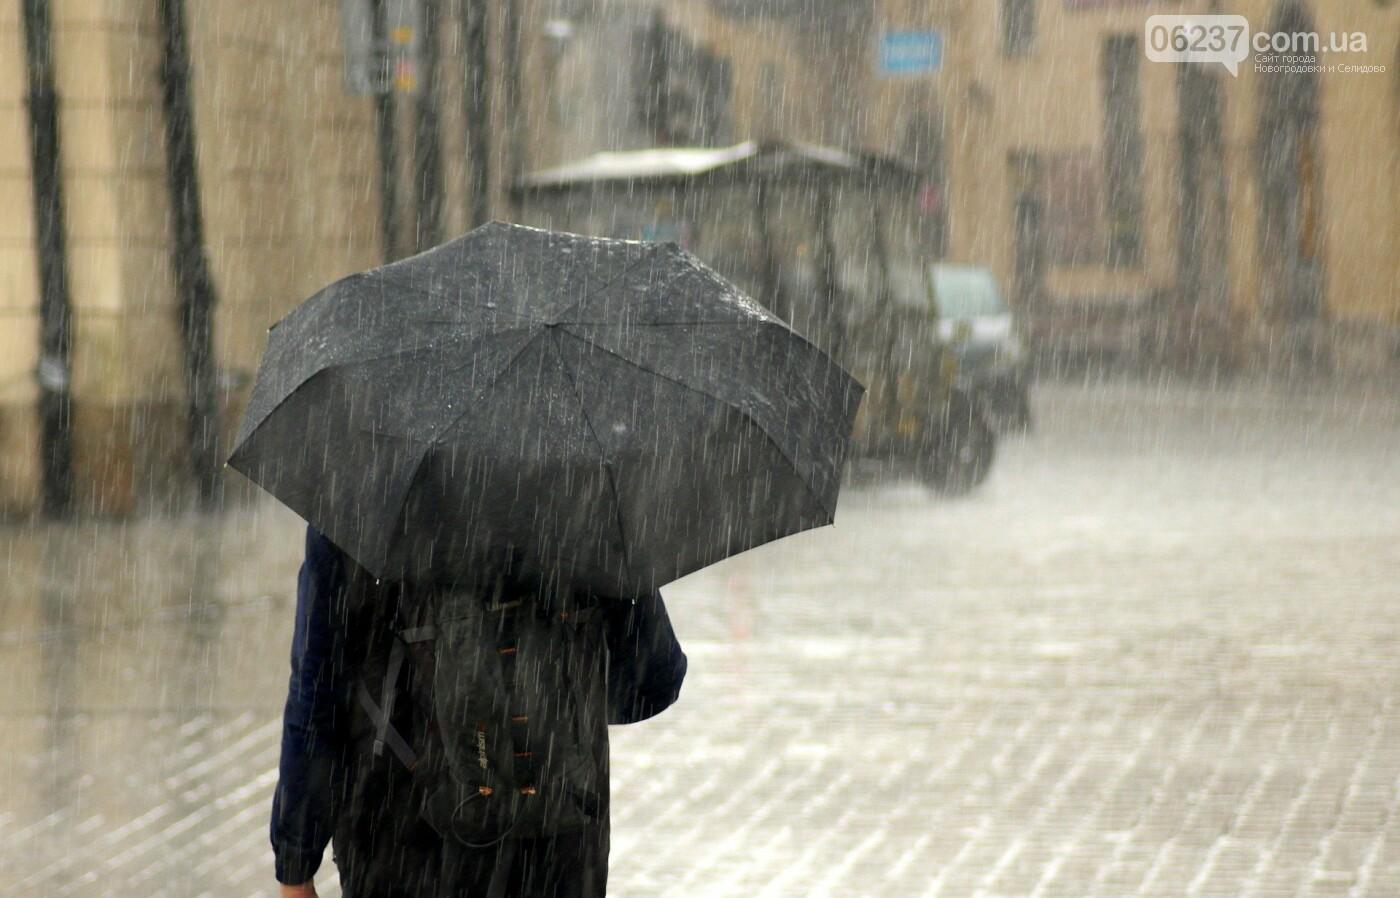 Погода на 13 марта. В Украину идет похолодание с дождями, фото-1